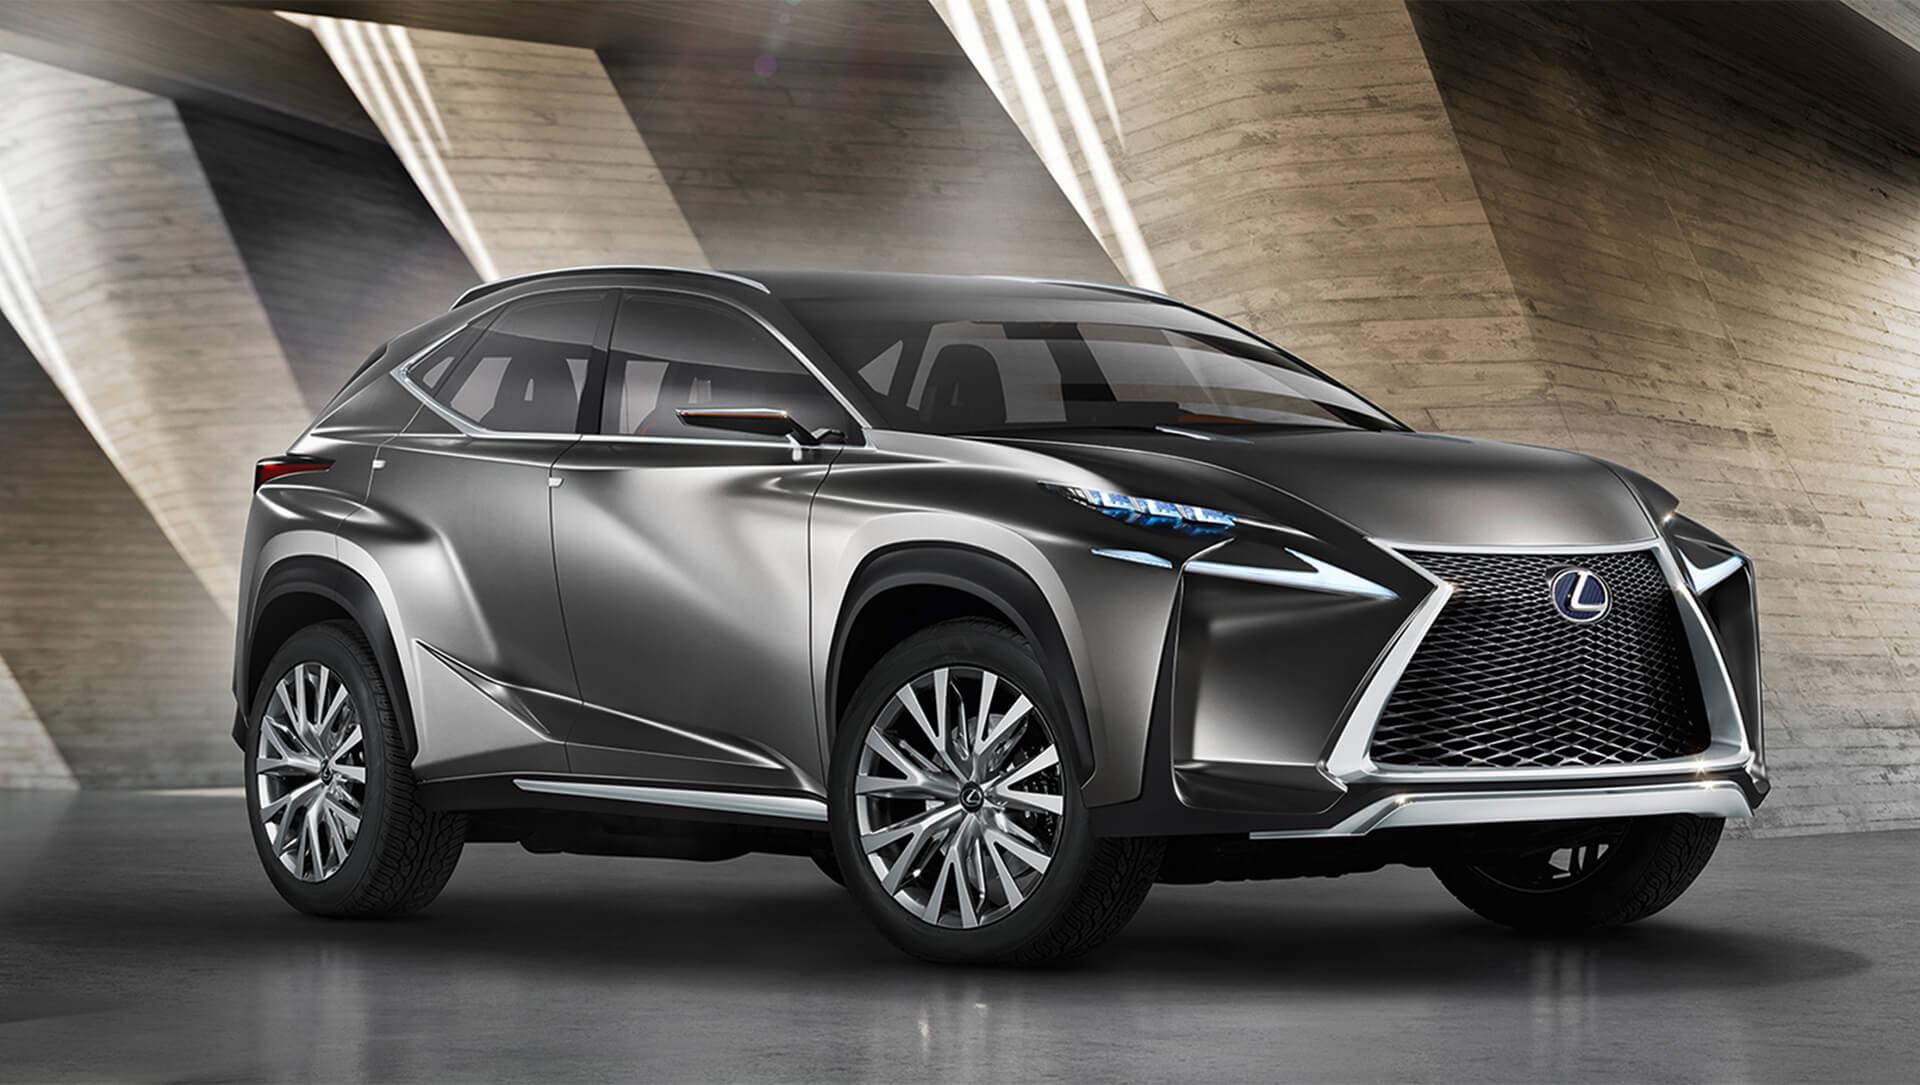 بررسی تخصصی لکسوس 2019 Lexus NX200 ، لاکچری با اصالت لکسوس